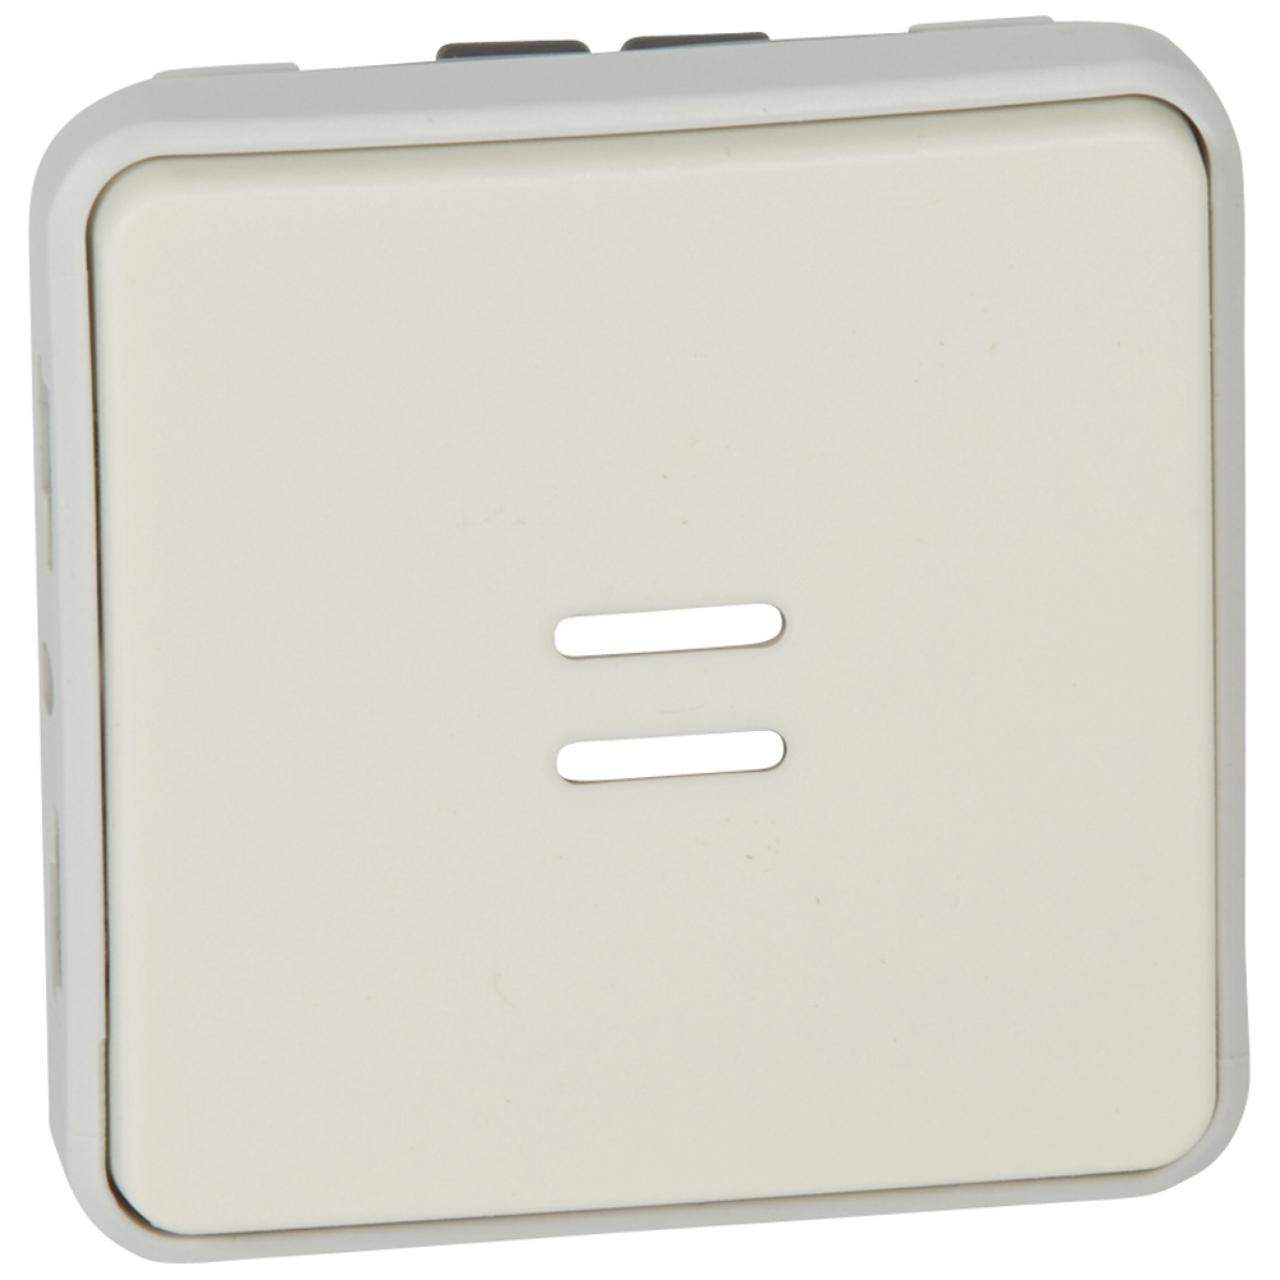 Bouton poussoir lumineux legrand plexo 55 blanc compos - Bouton poussoir lumineux ...